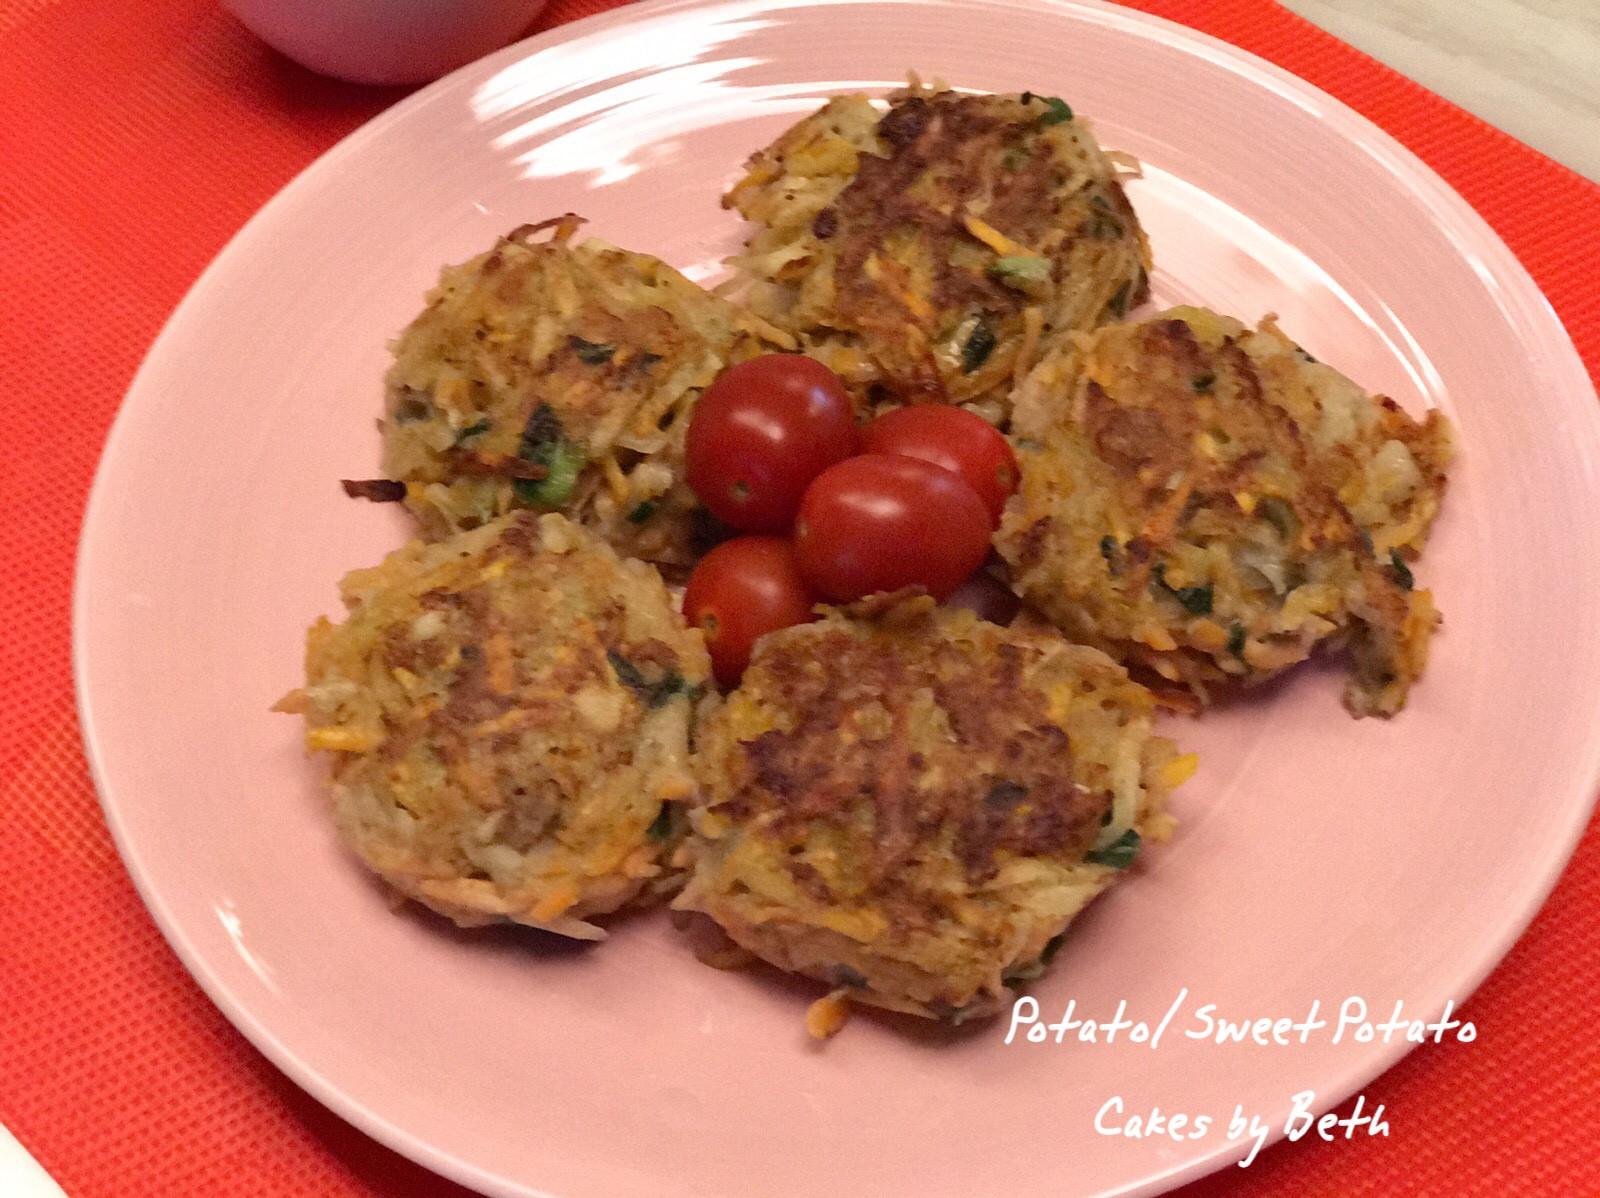 馬鈴薯地瓜煎餅 - 早餐